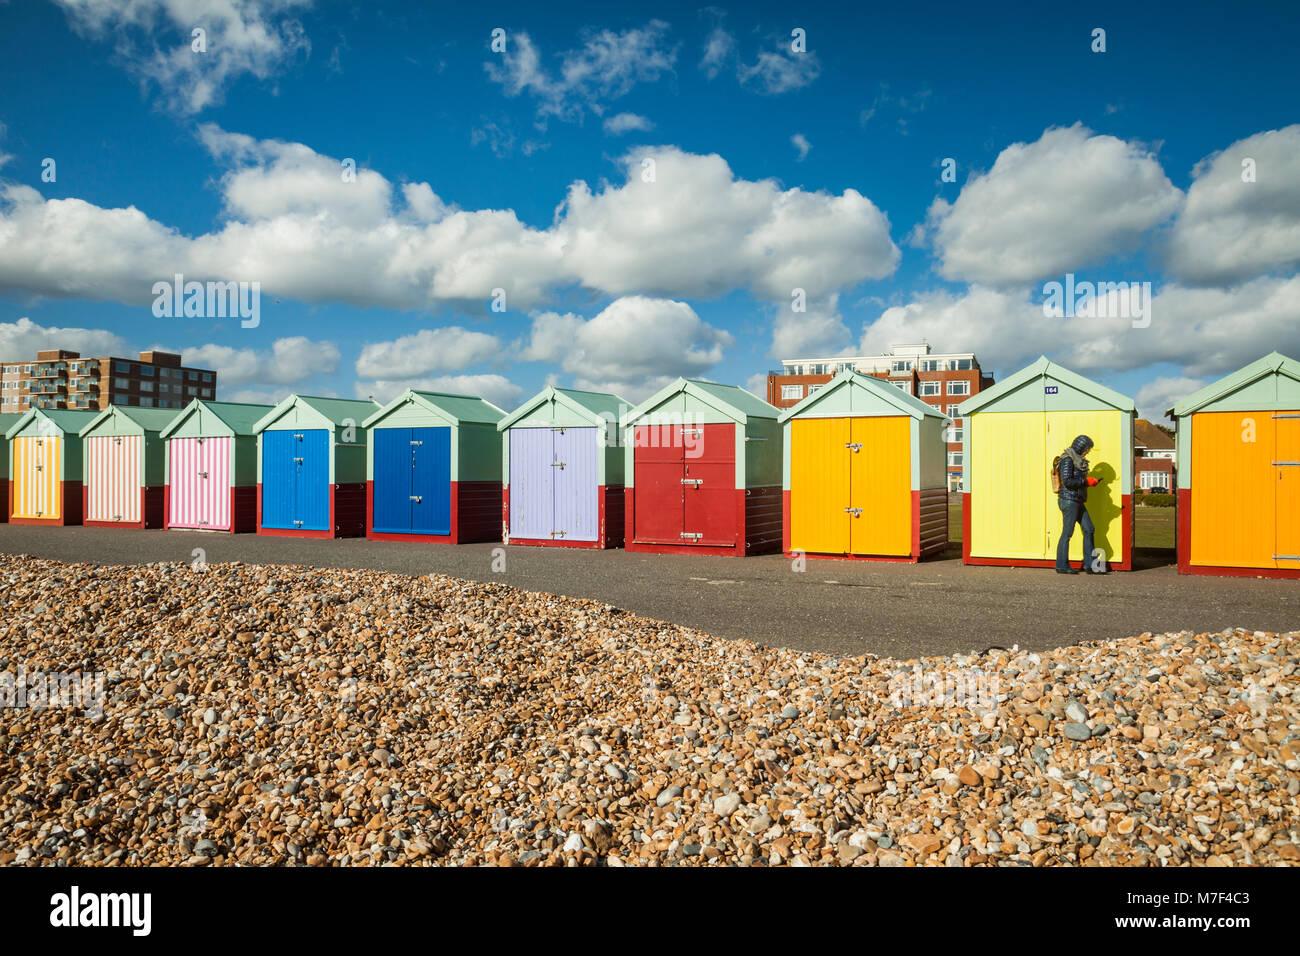 Multi-colore di cabine sulla spiaggia, sul lungomare Hove, East Sussex, Inghilterra. Immagini Stock